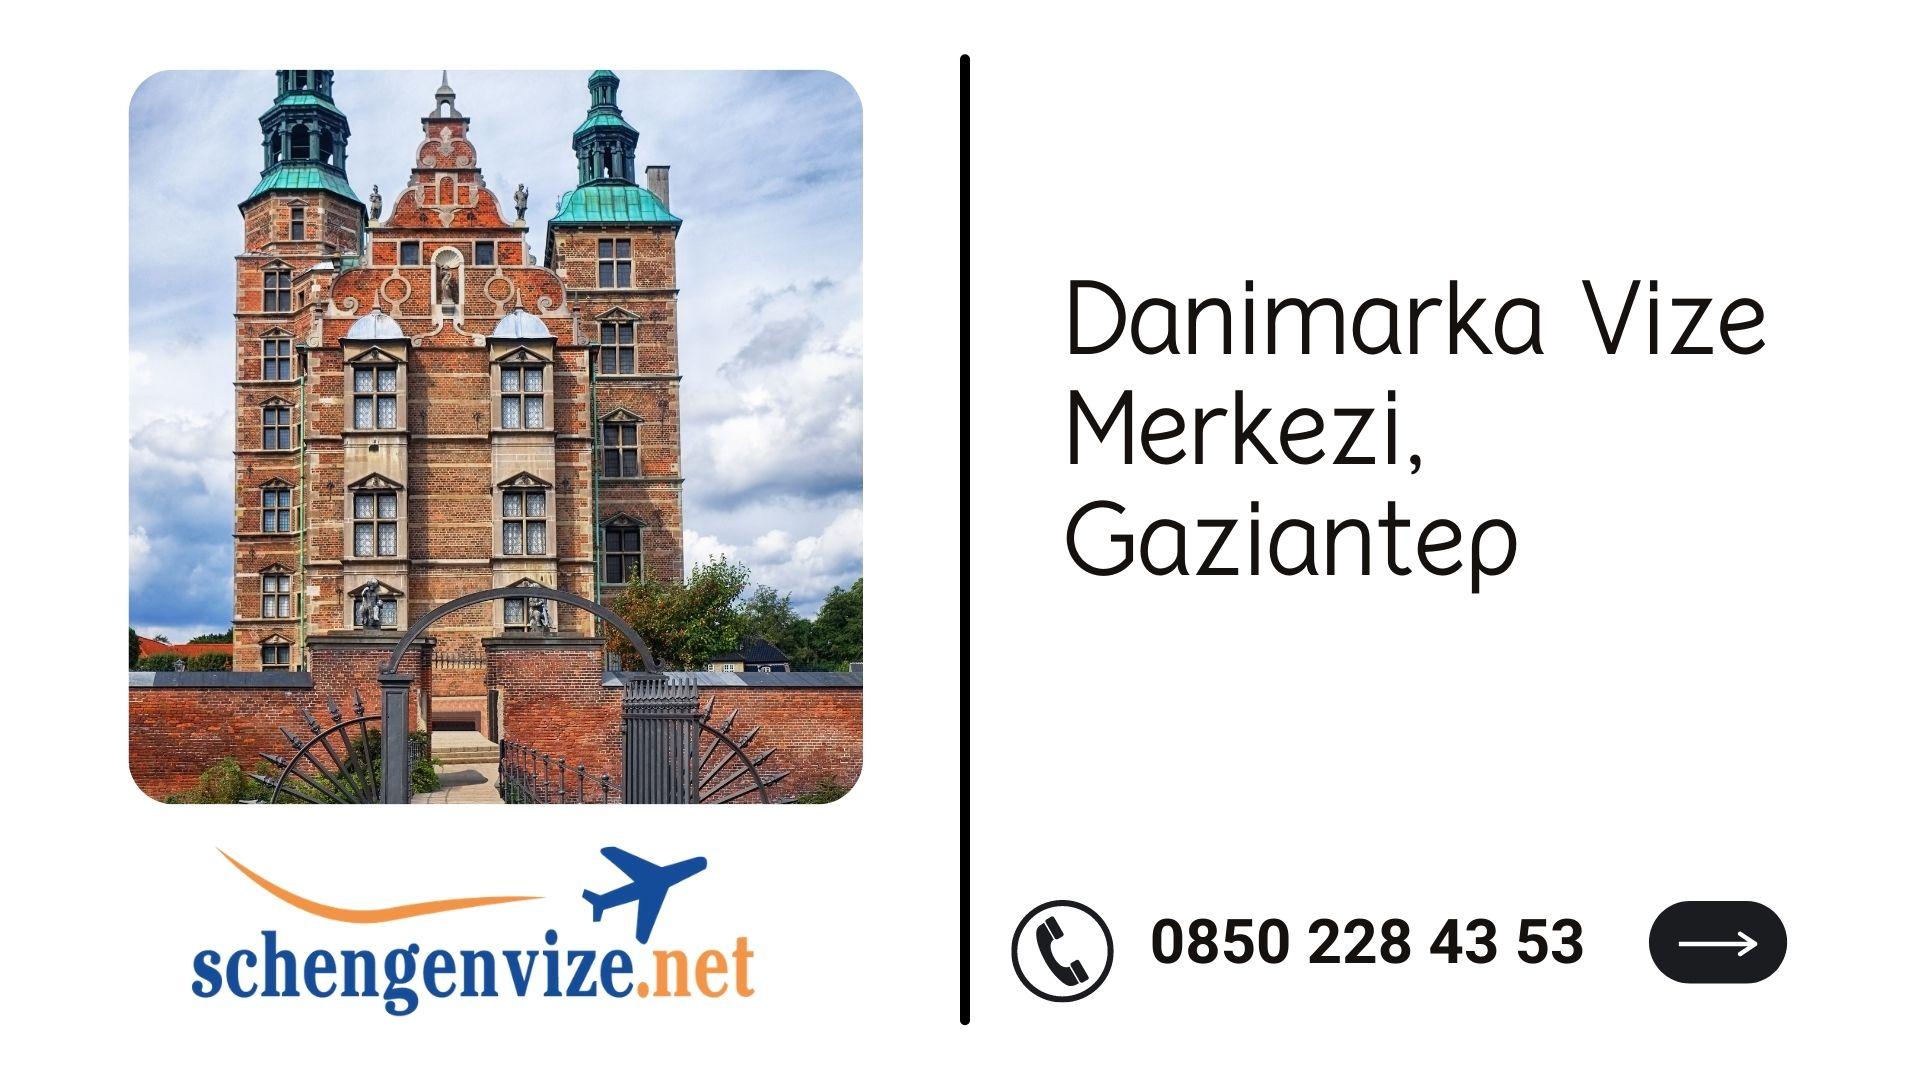 Danimarka Vize Merkezi, Gaziantep